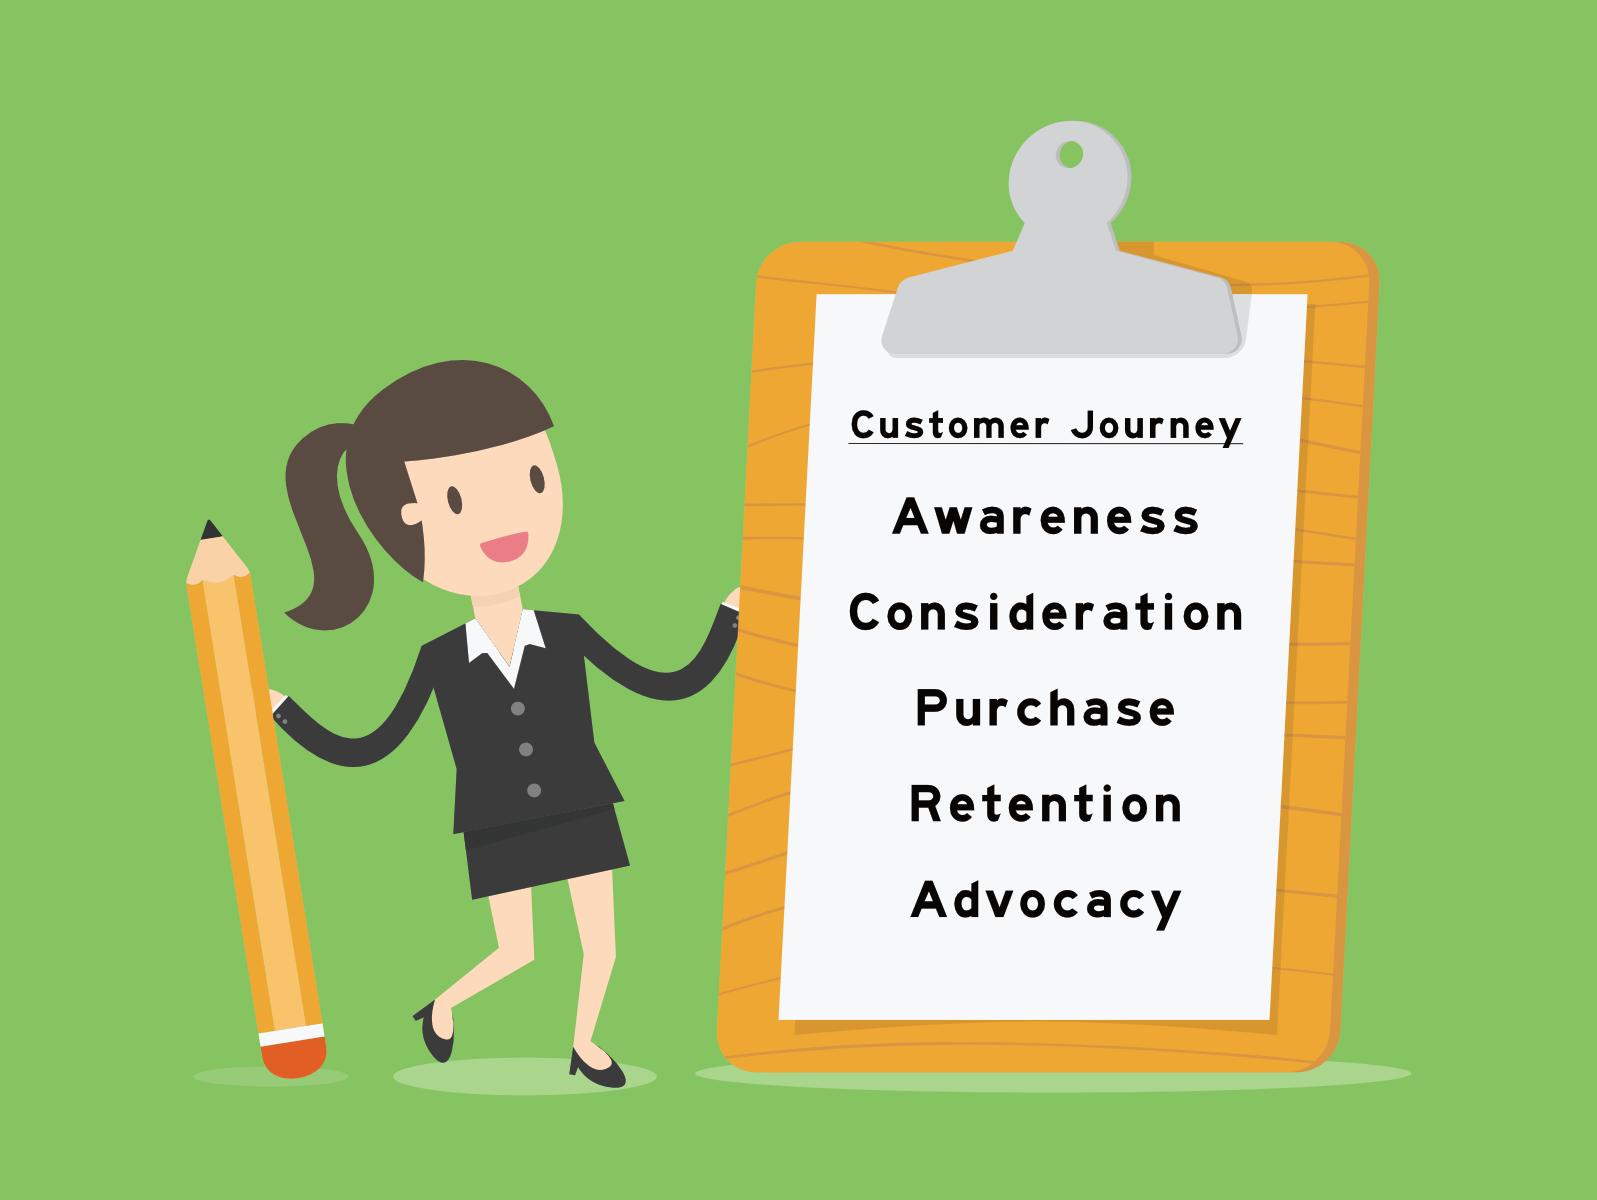 Transformation deines Geschäftsmodells anhand der Customer Journey vision2process